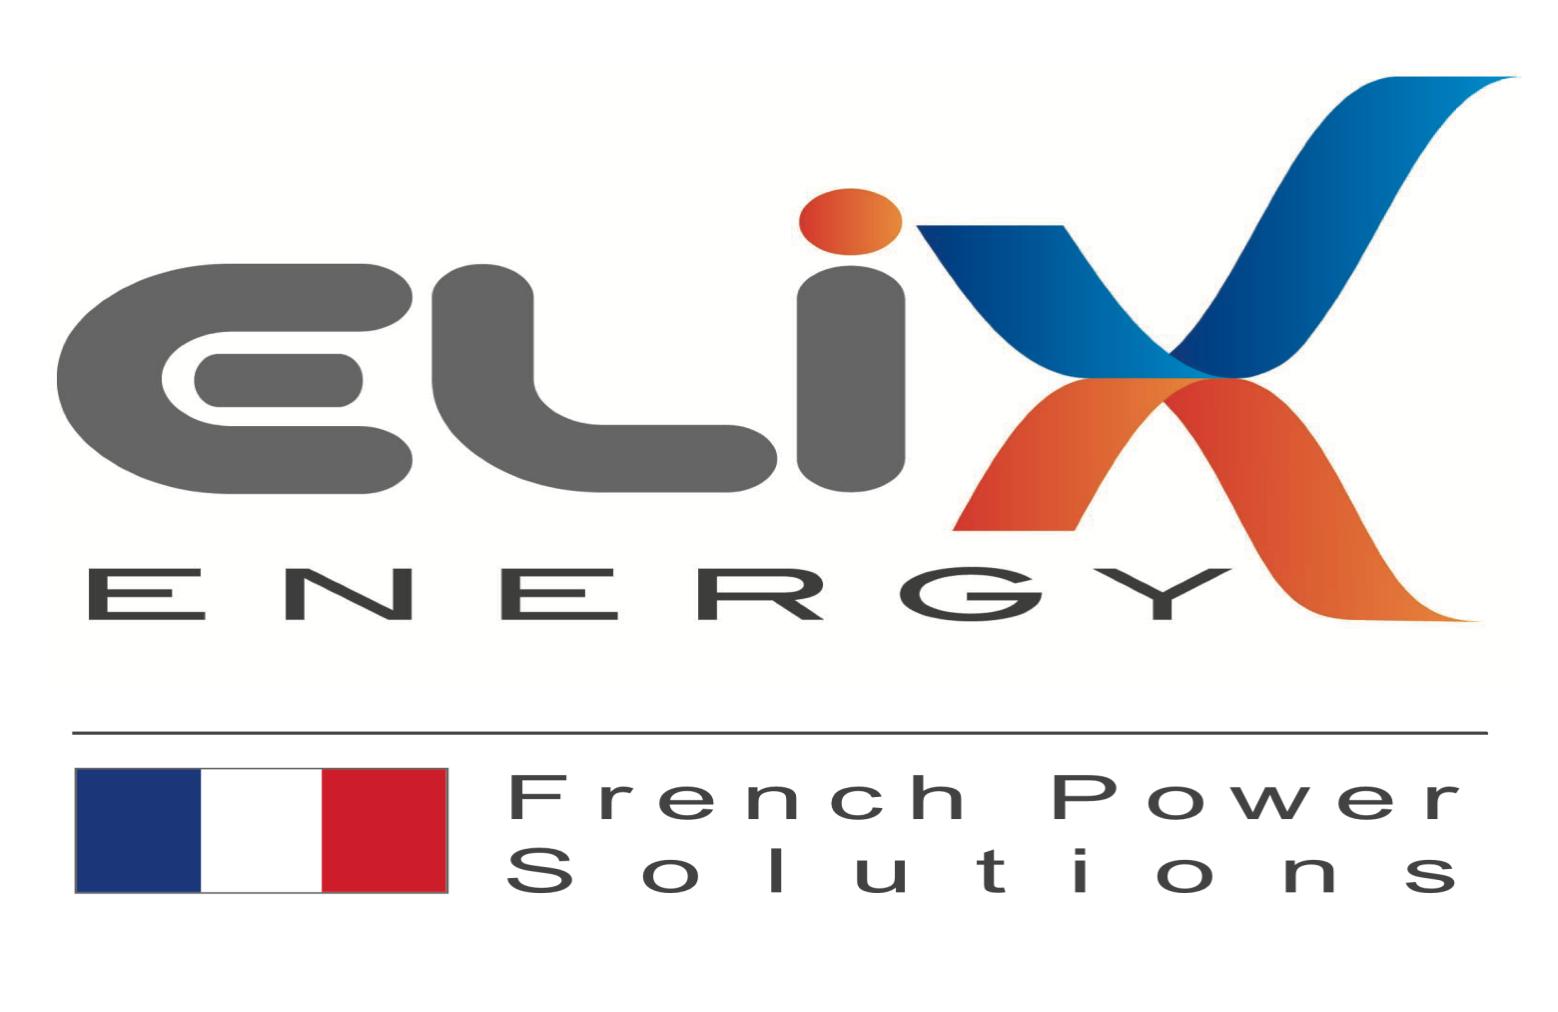 ELIX ENERGY